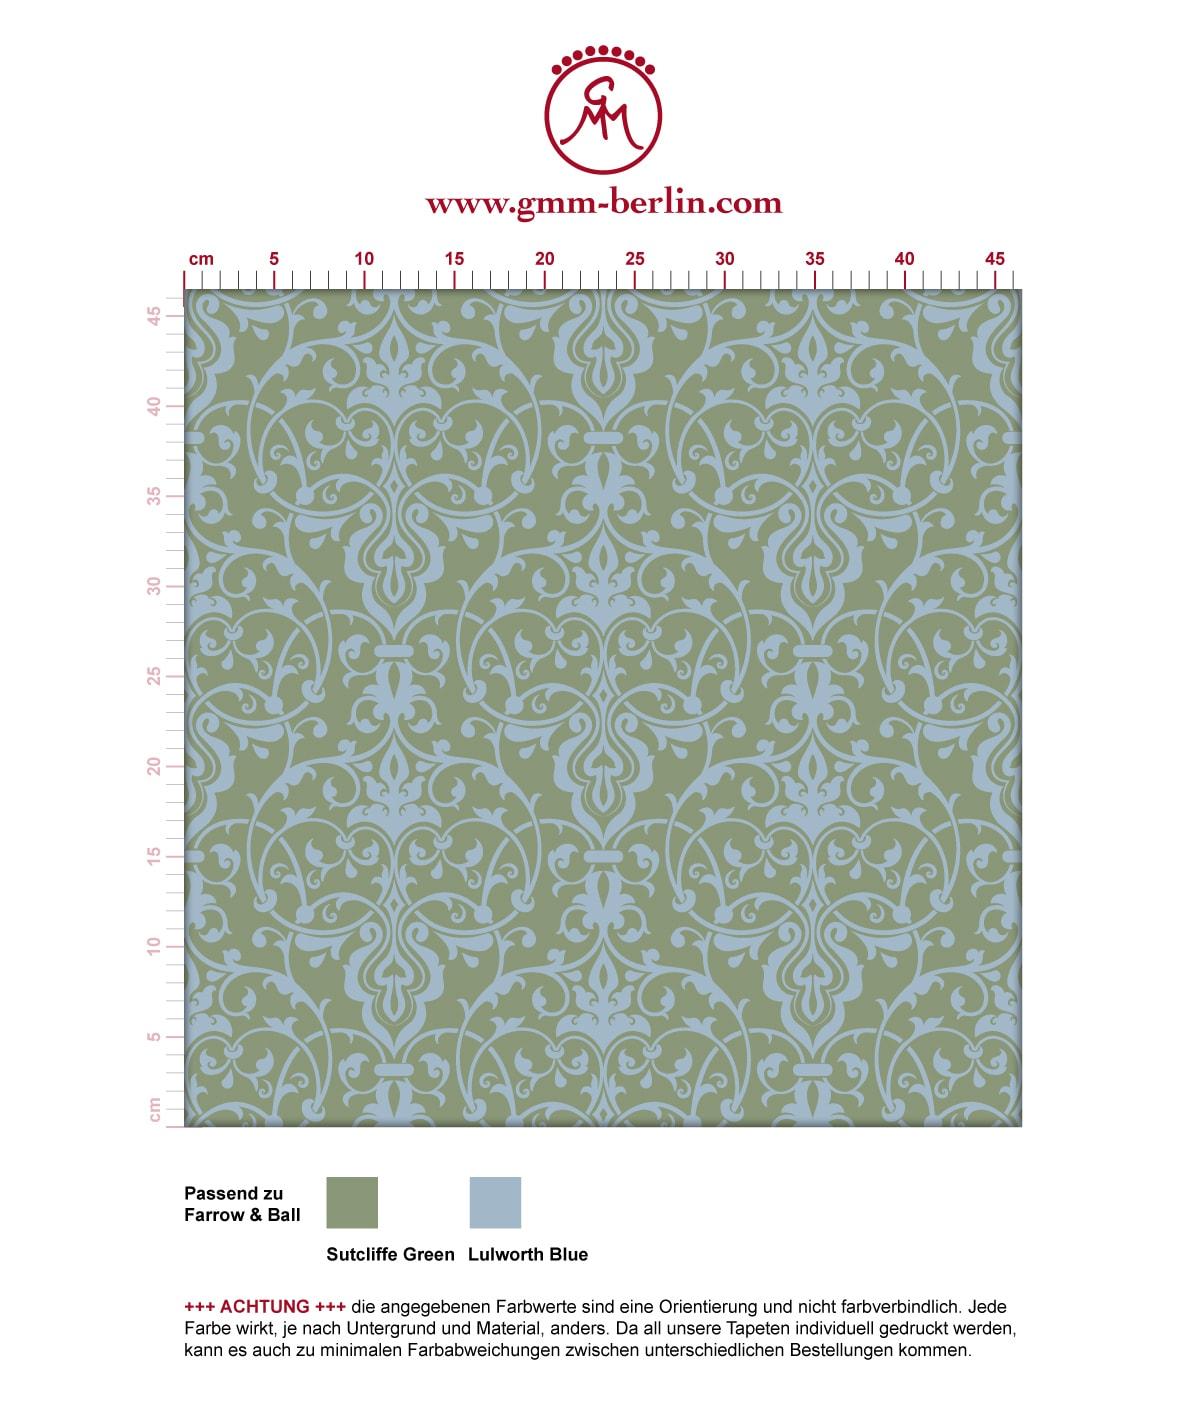 Schöne, üppige Tapete mit klassischem Damast Muster in hellblau grün angepasst an Farrow and Ball Wandfarben- Vliestapete Ornamente  3